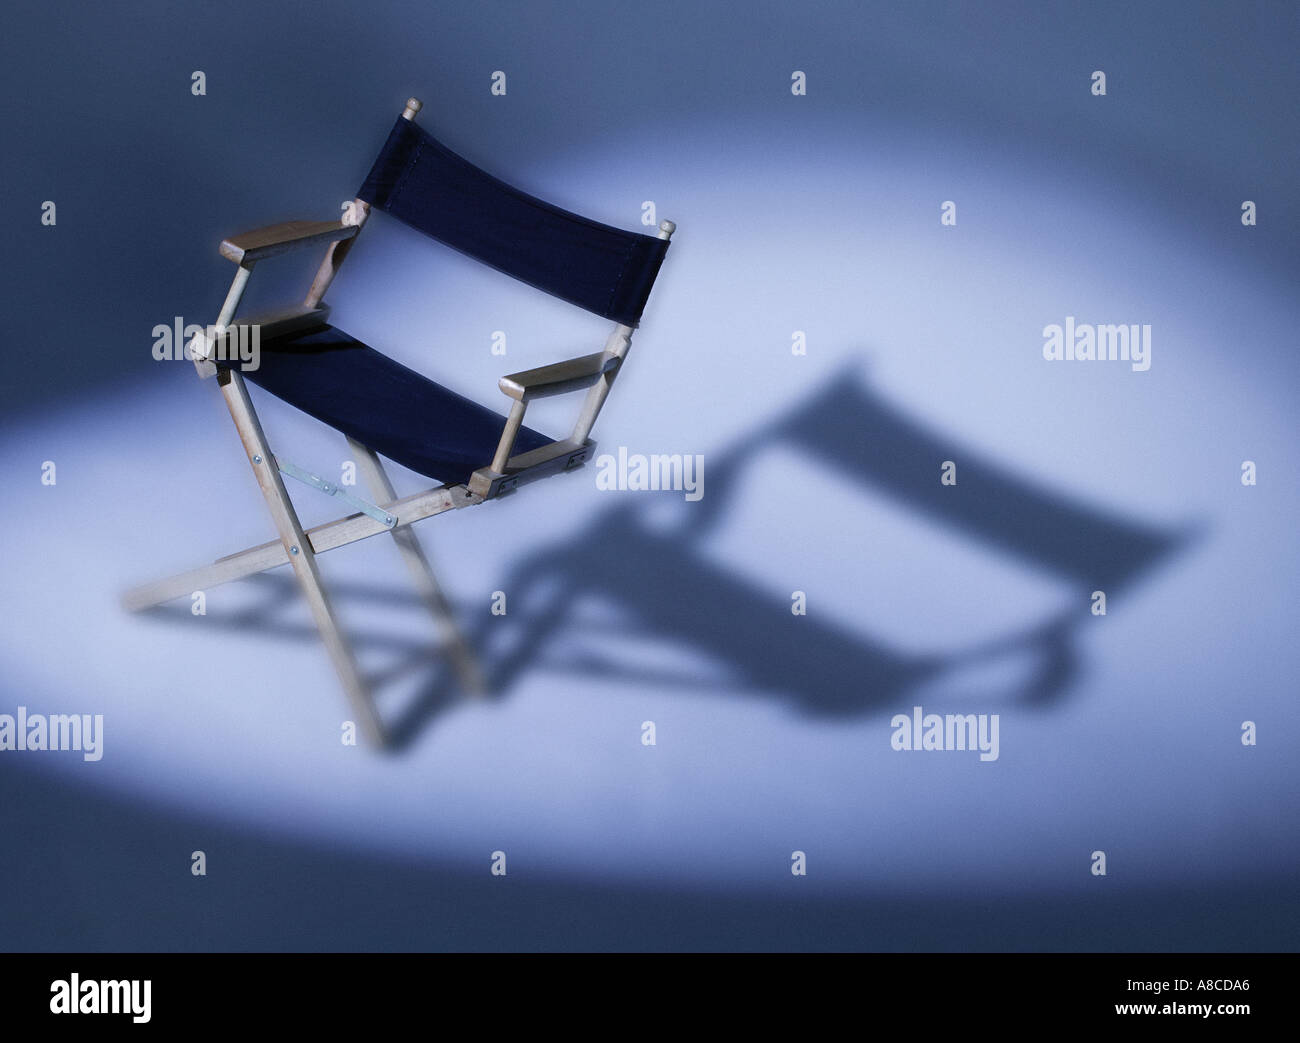 La piegatura del legno e tela registi sedia in fascio di Spotlight Immagini Stock